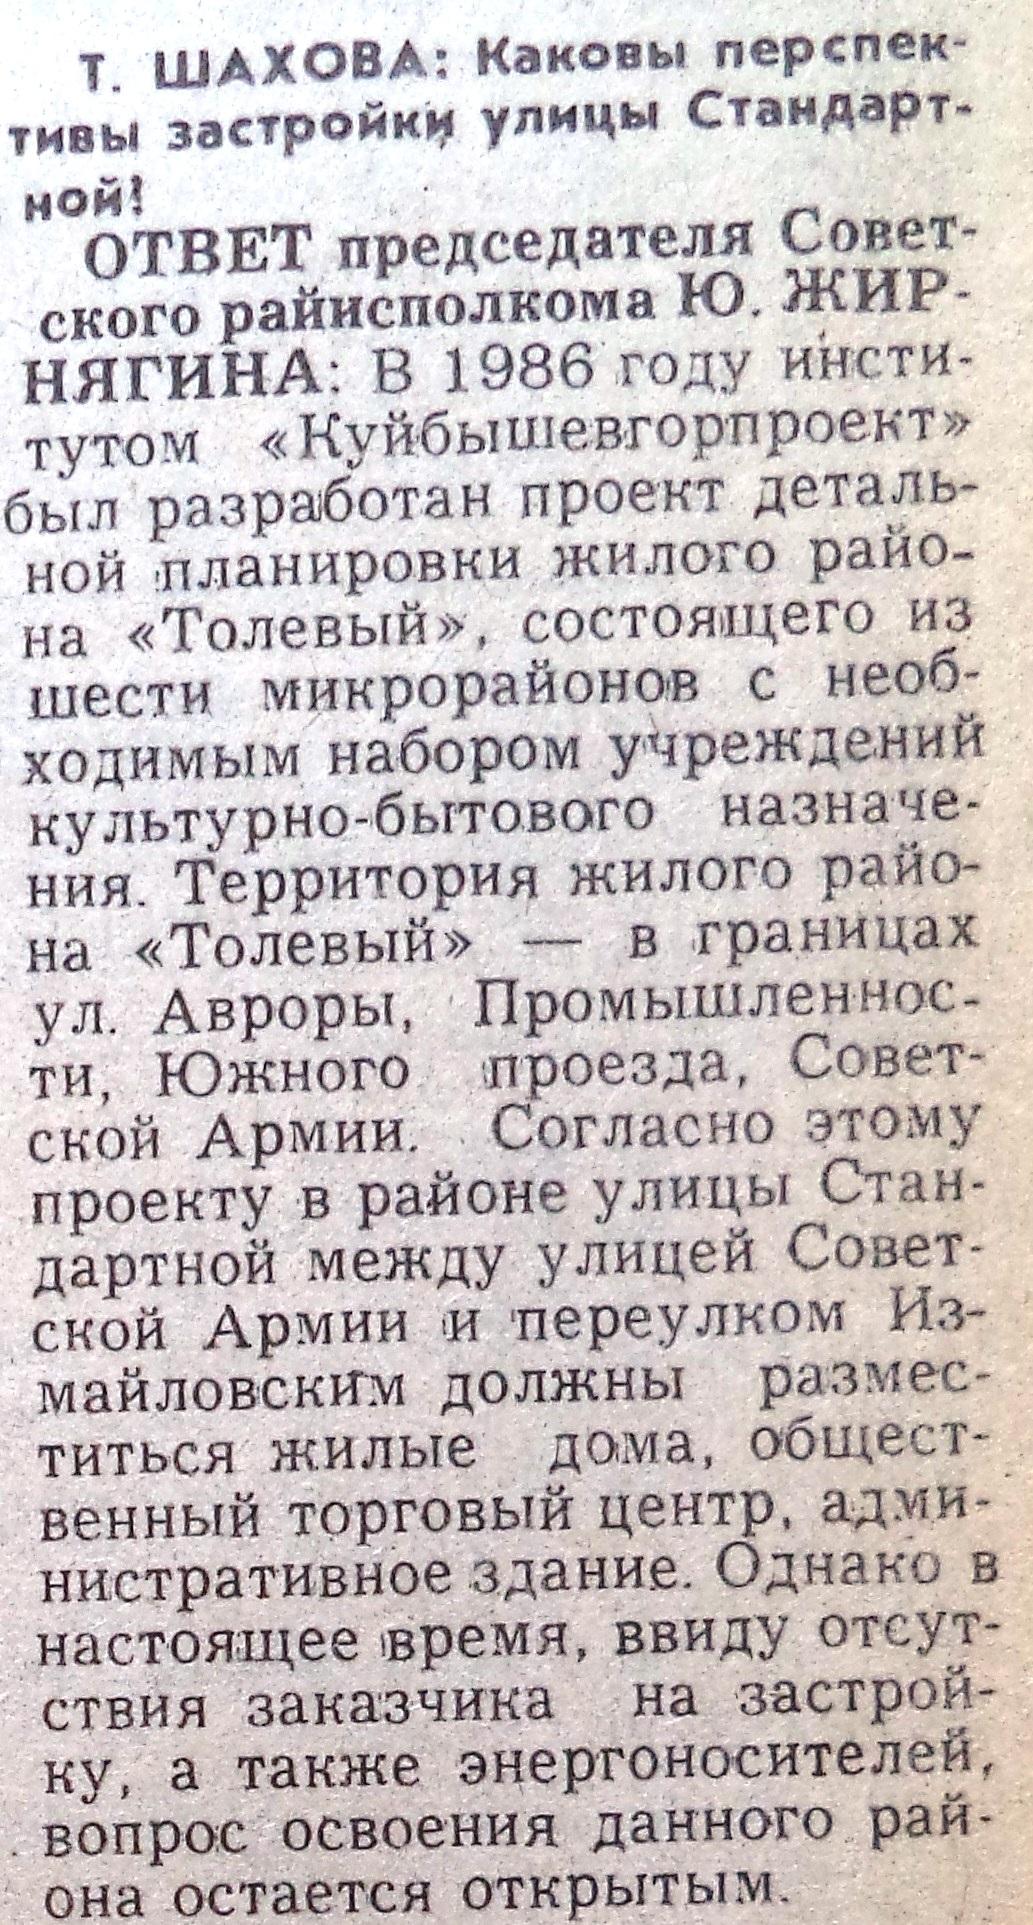 Стандартная-ФОТО-26-ВЗя-1991-01-29-персп. застр. по Станд.